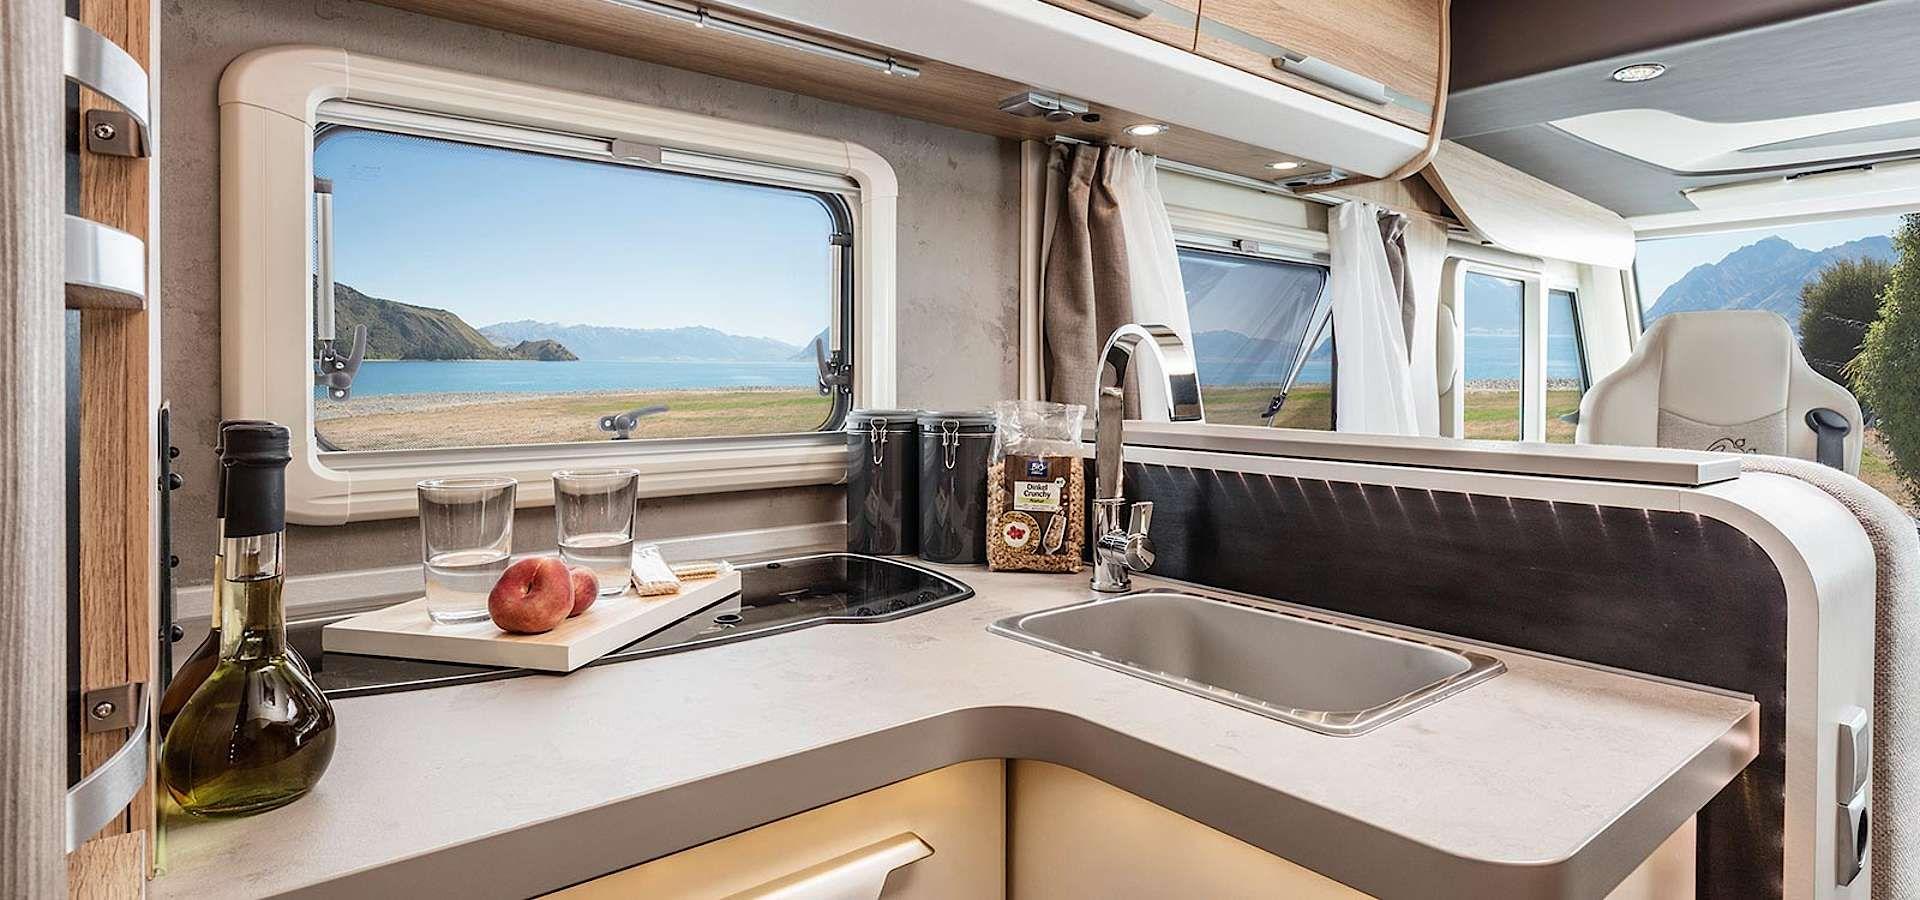 knaus sky i interieur der vollintegrierte von innen camper camper sky und skiing. Black Bedroom Furniture Sets. Home Design Ideas